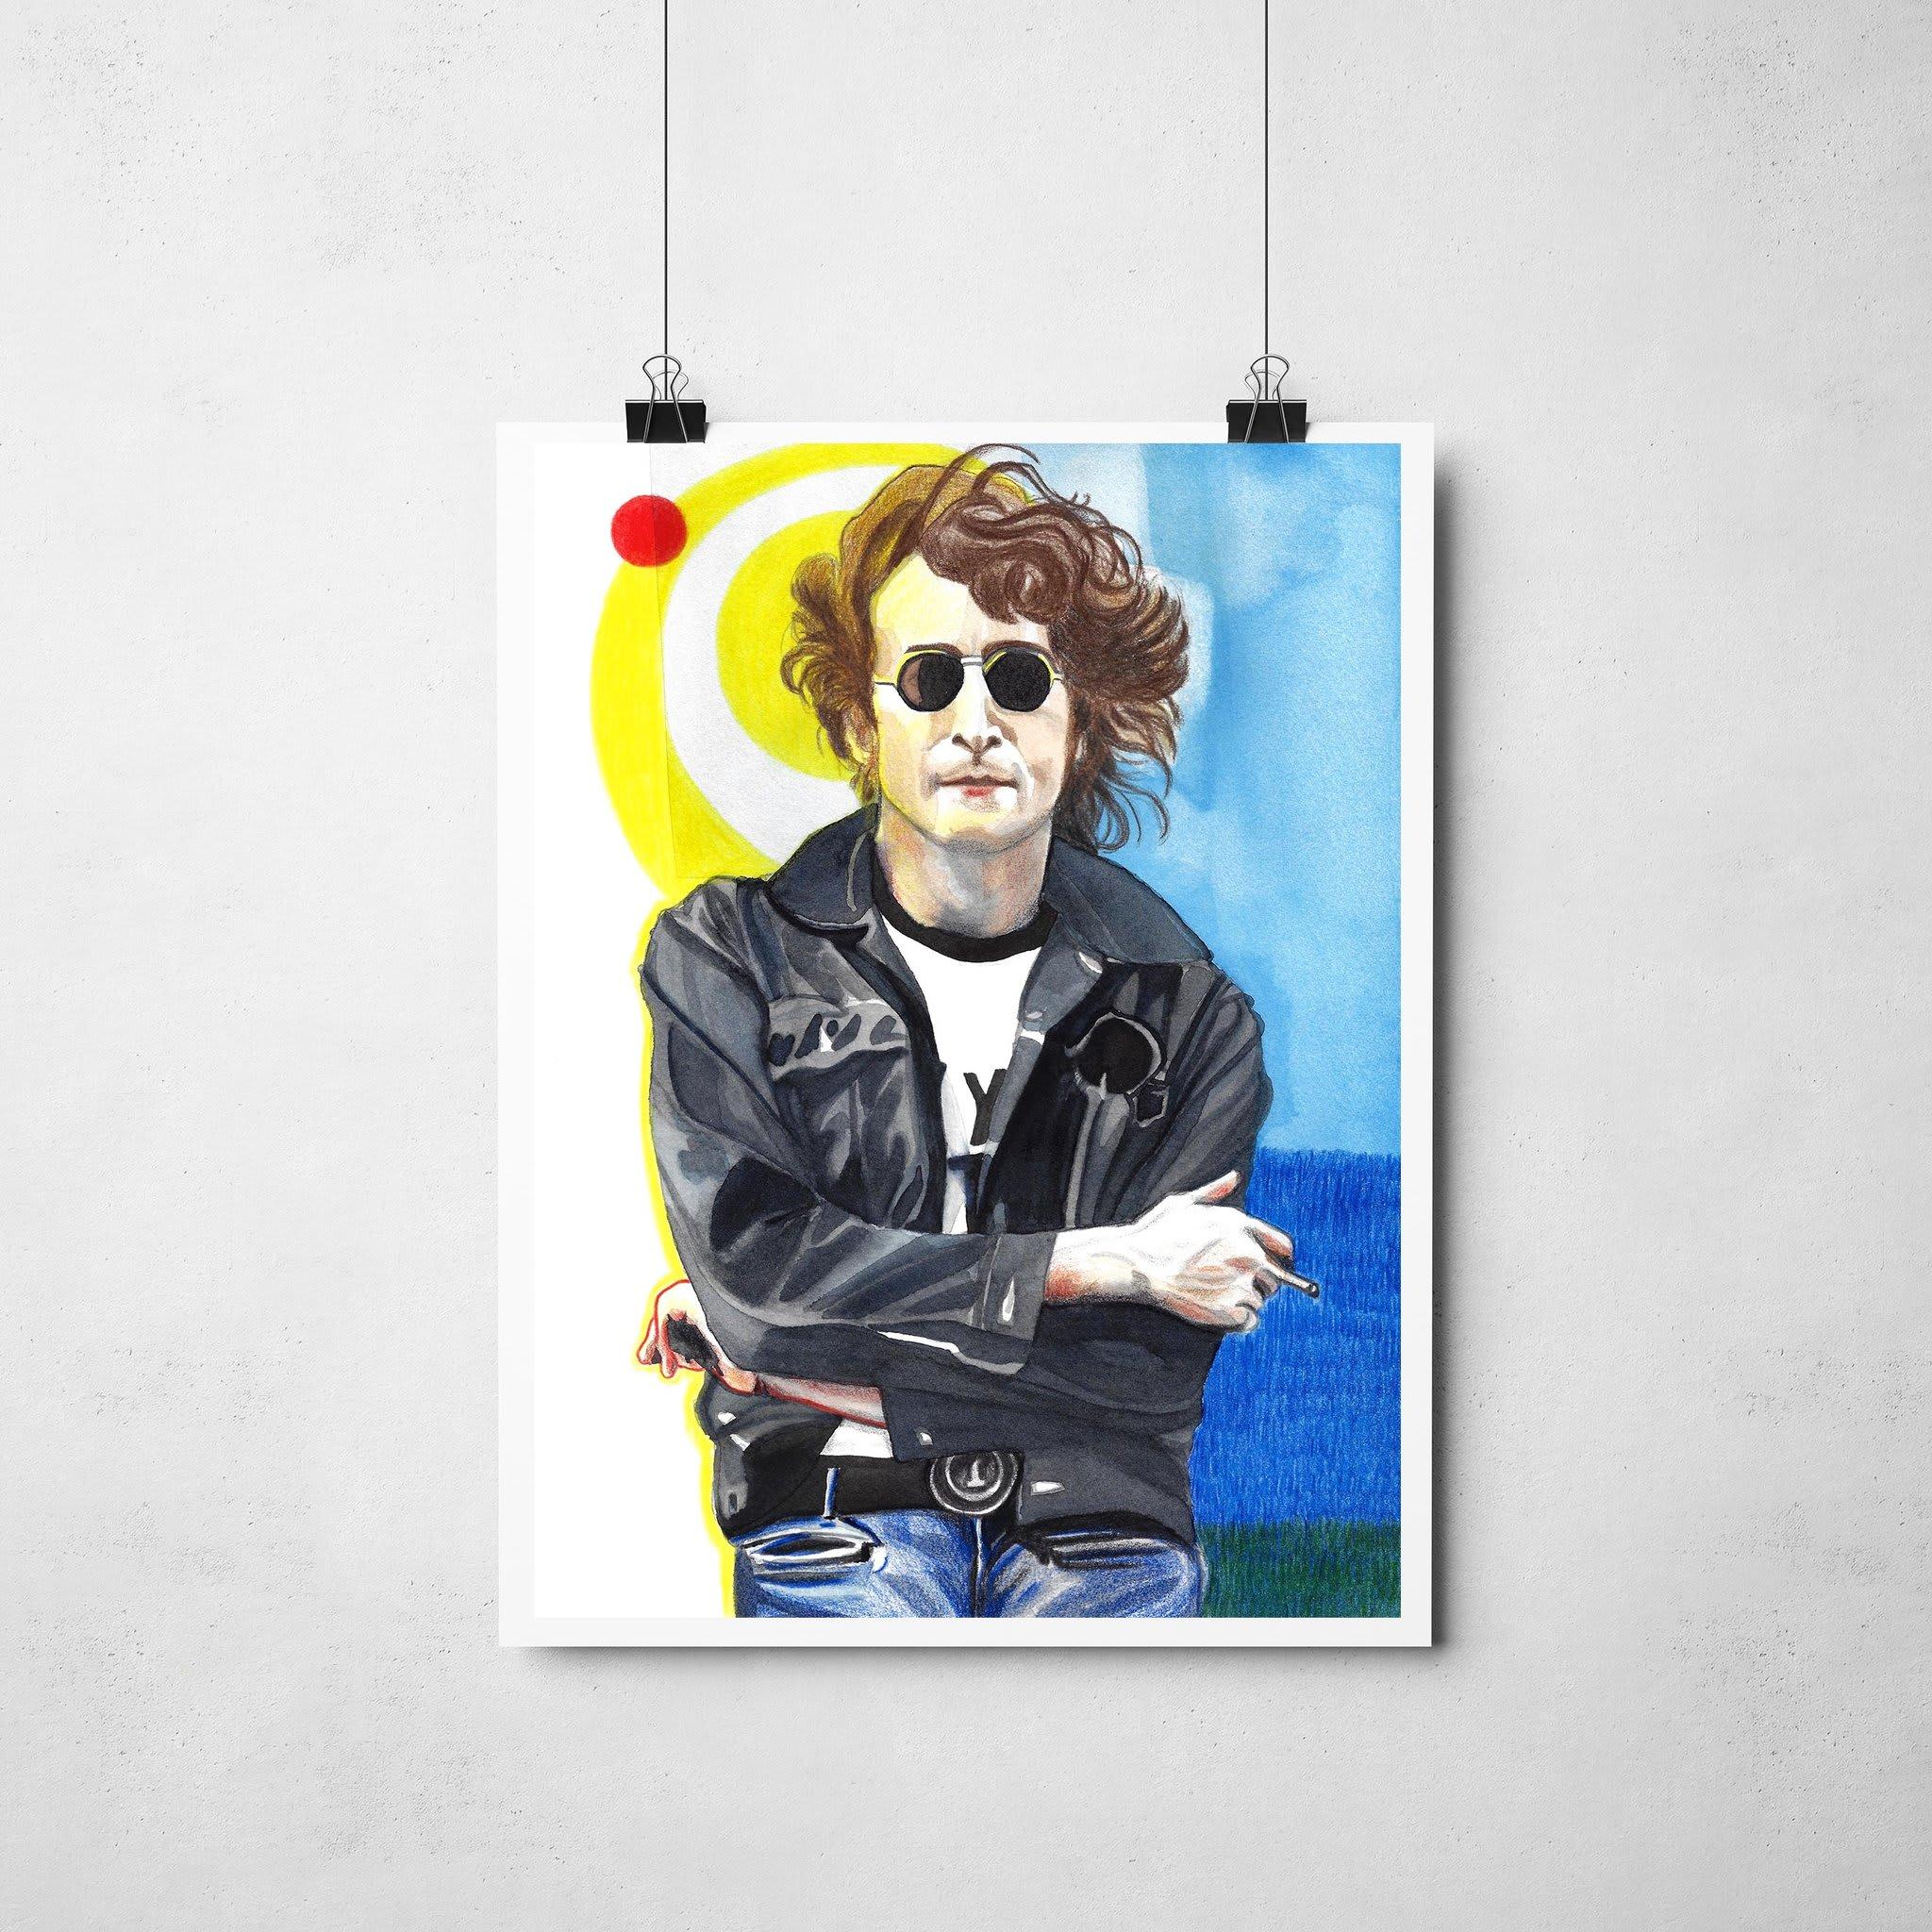 Lámina Ilustrada John Lennon - Roció Mera